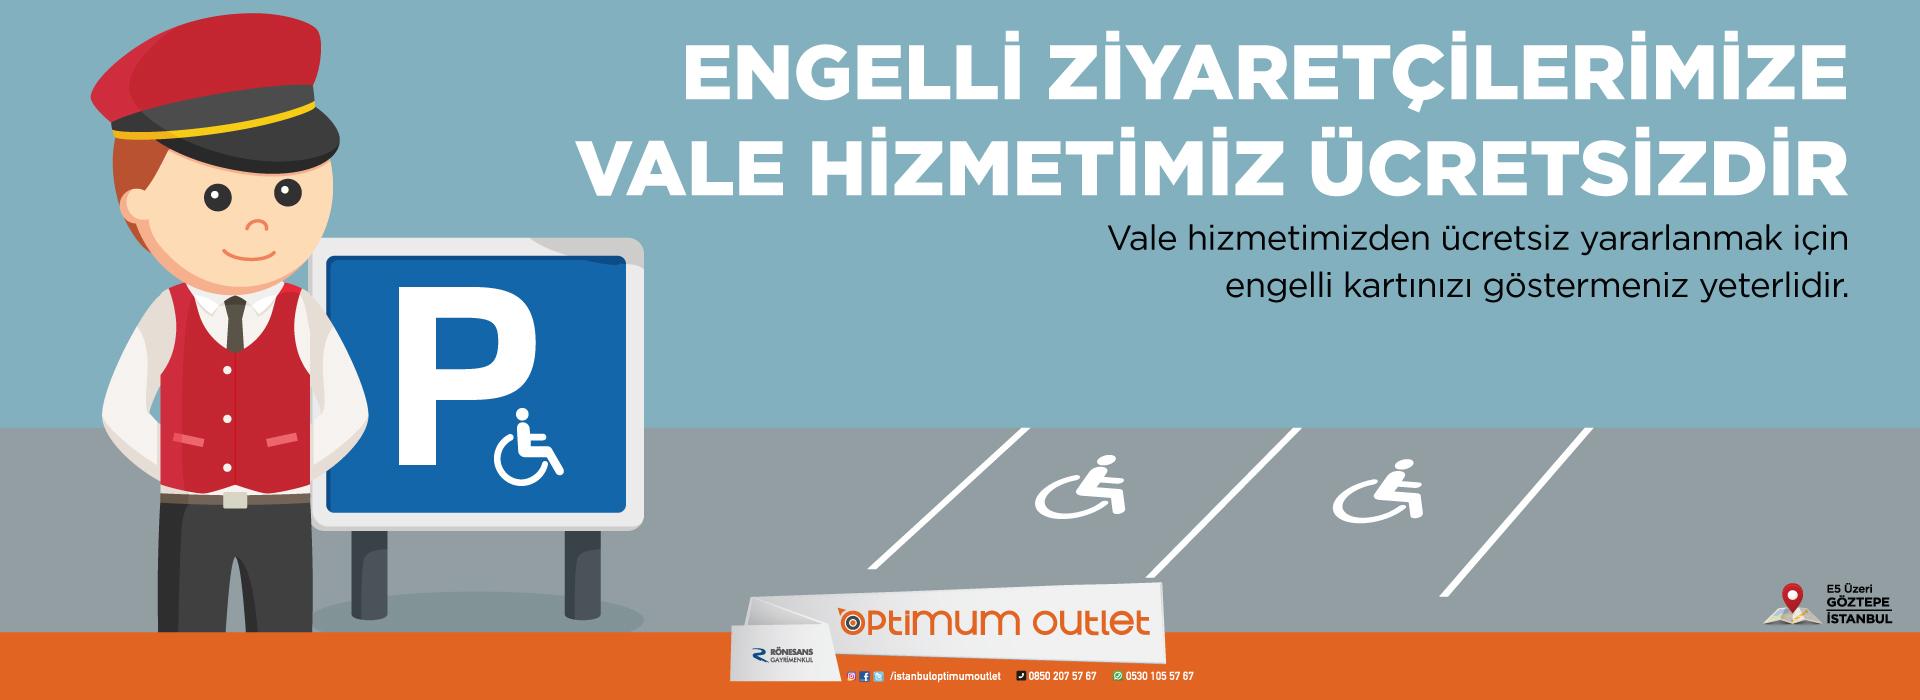 Engelli Ziyaretçilerimize Vale Hizmetimiz Ücretsiz